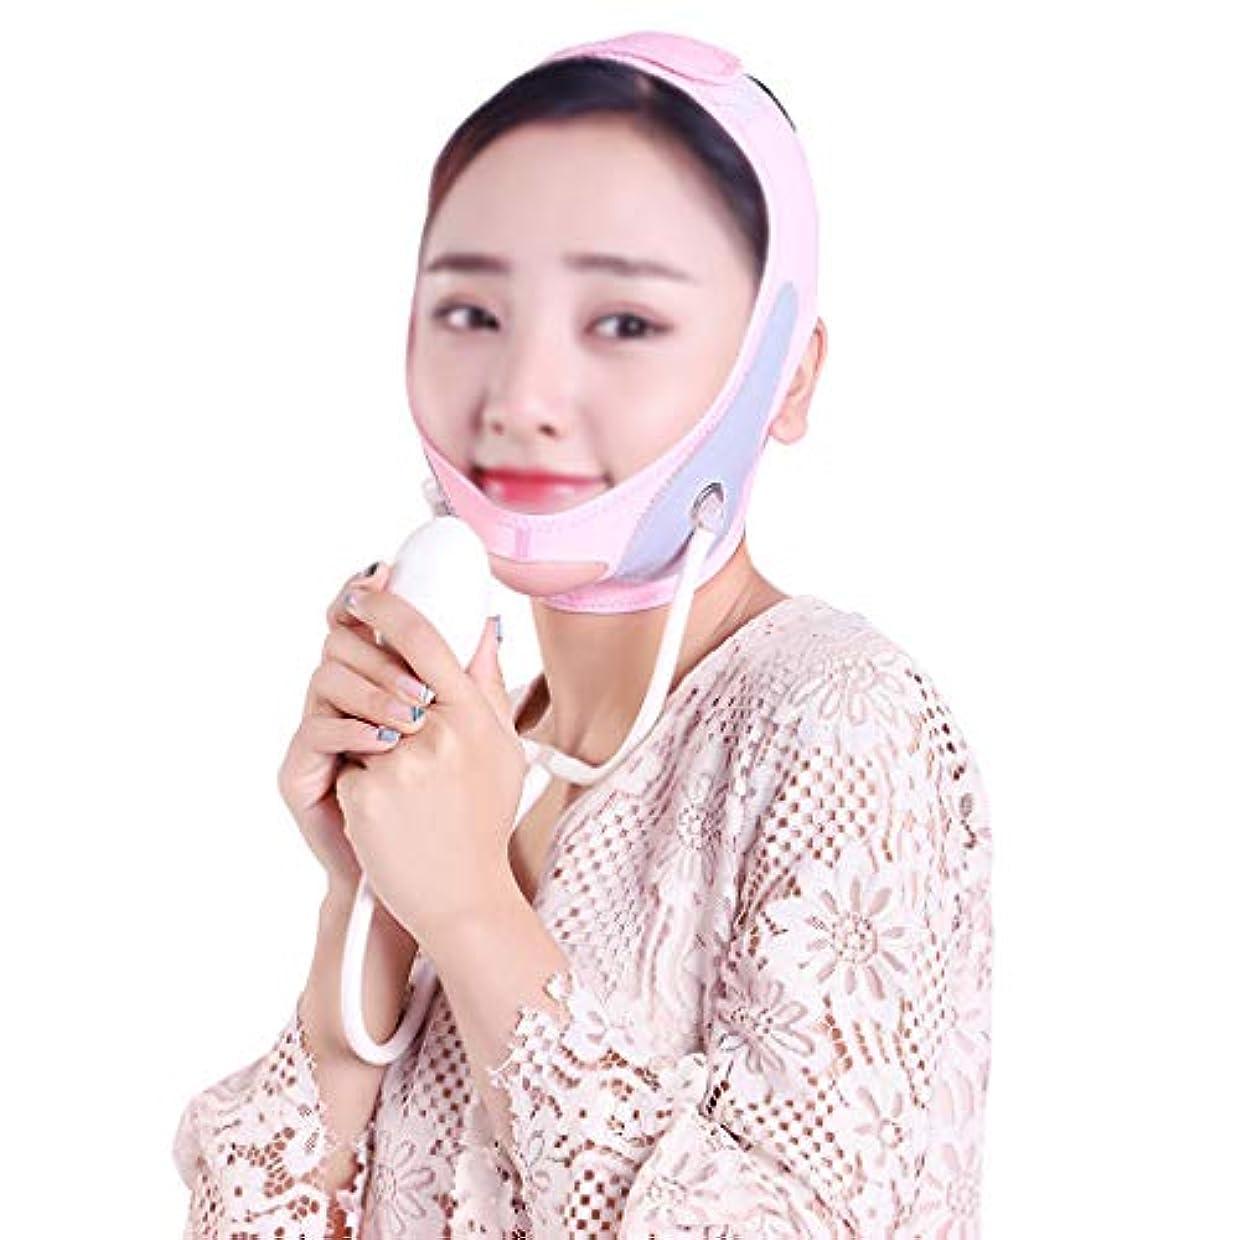 風変わりな資格帽子GLJJQMY 膨脹可能なマスクは小さいVの表面を作成するために皮の形づけおよび引き締めパターン/二重あごの包帯の人工物を高めます 顔用整形マスク